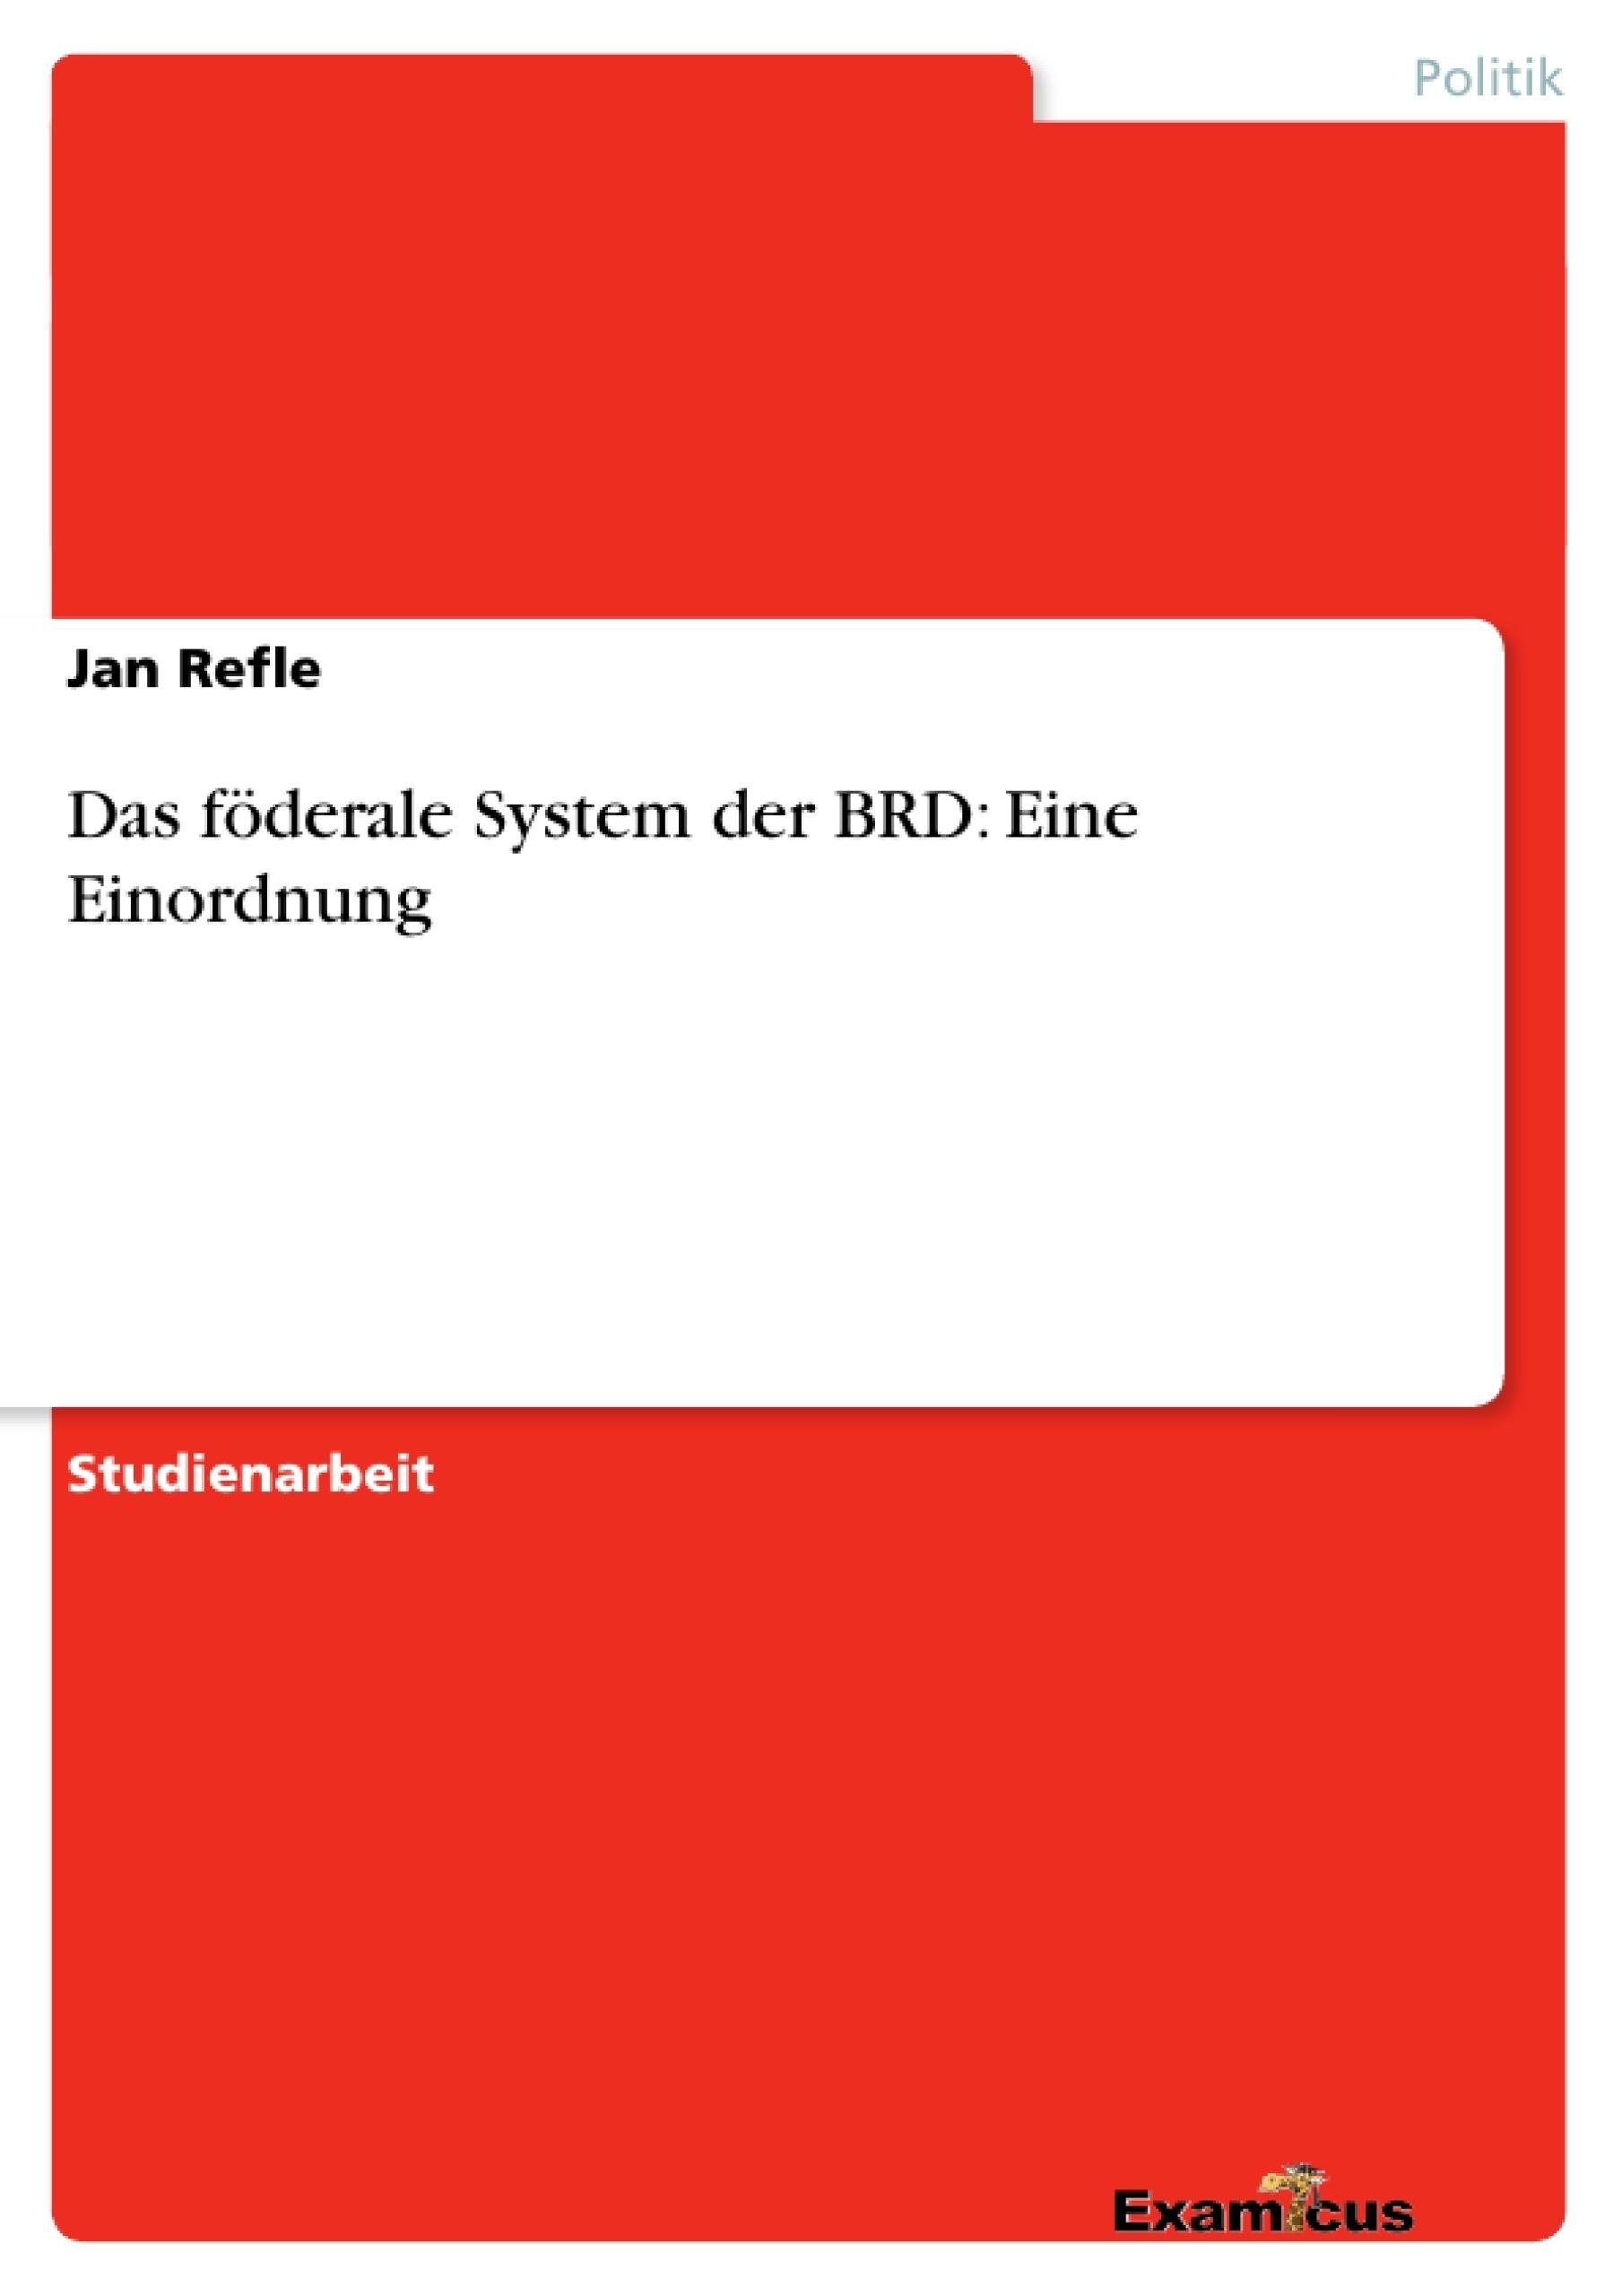 Titel: Das föderale System der BRD: Eine Einordnung